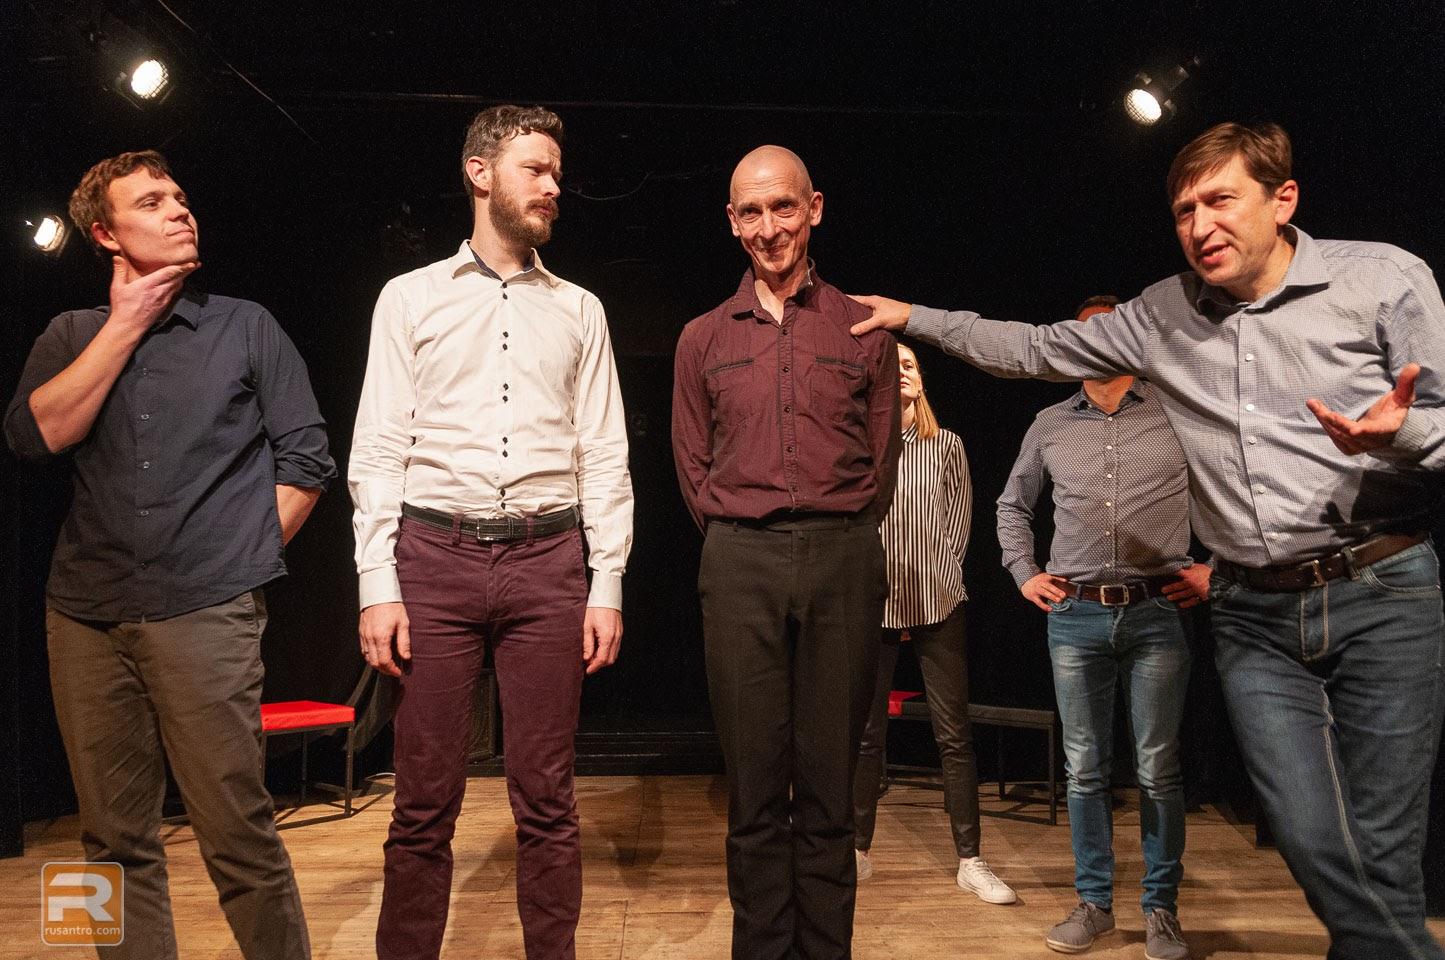 Aktieri stāv uz skatuves